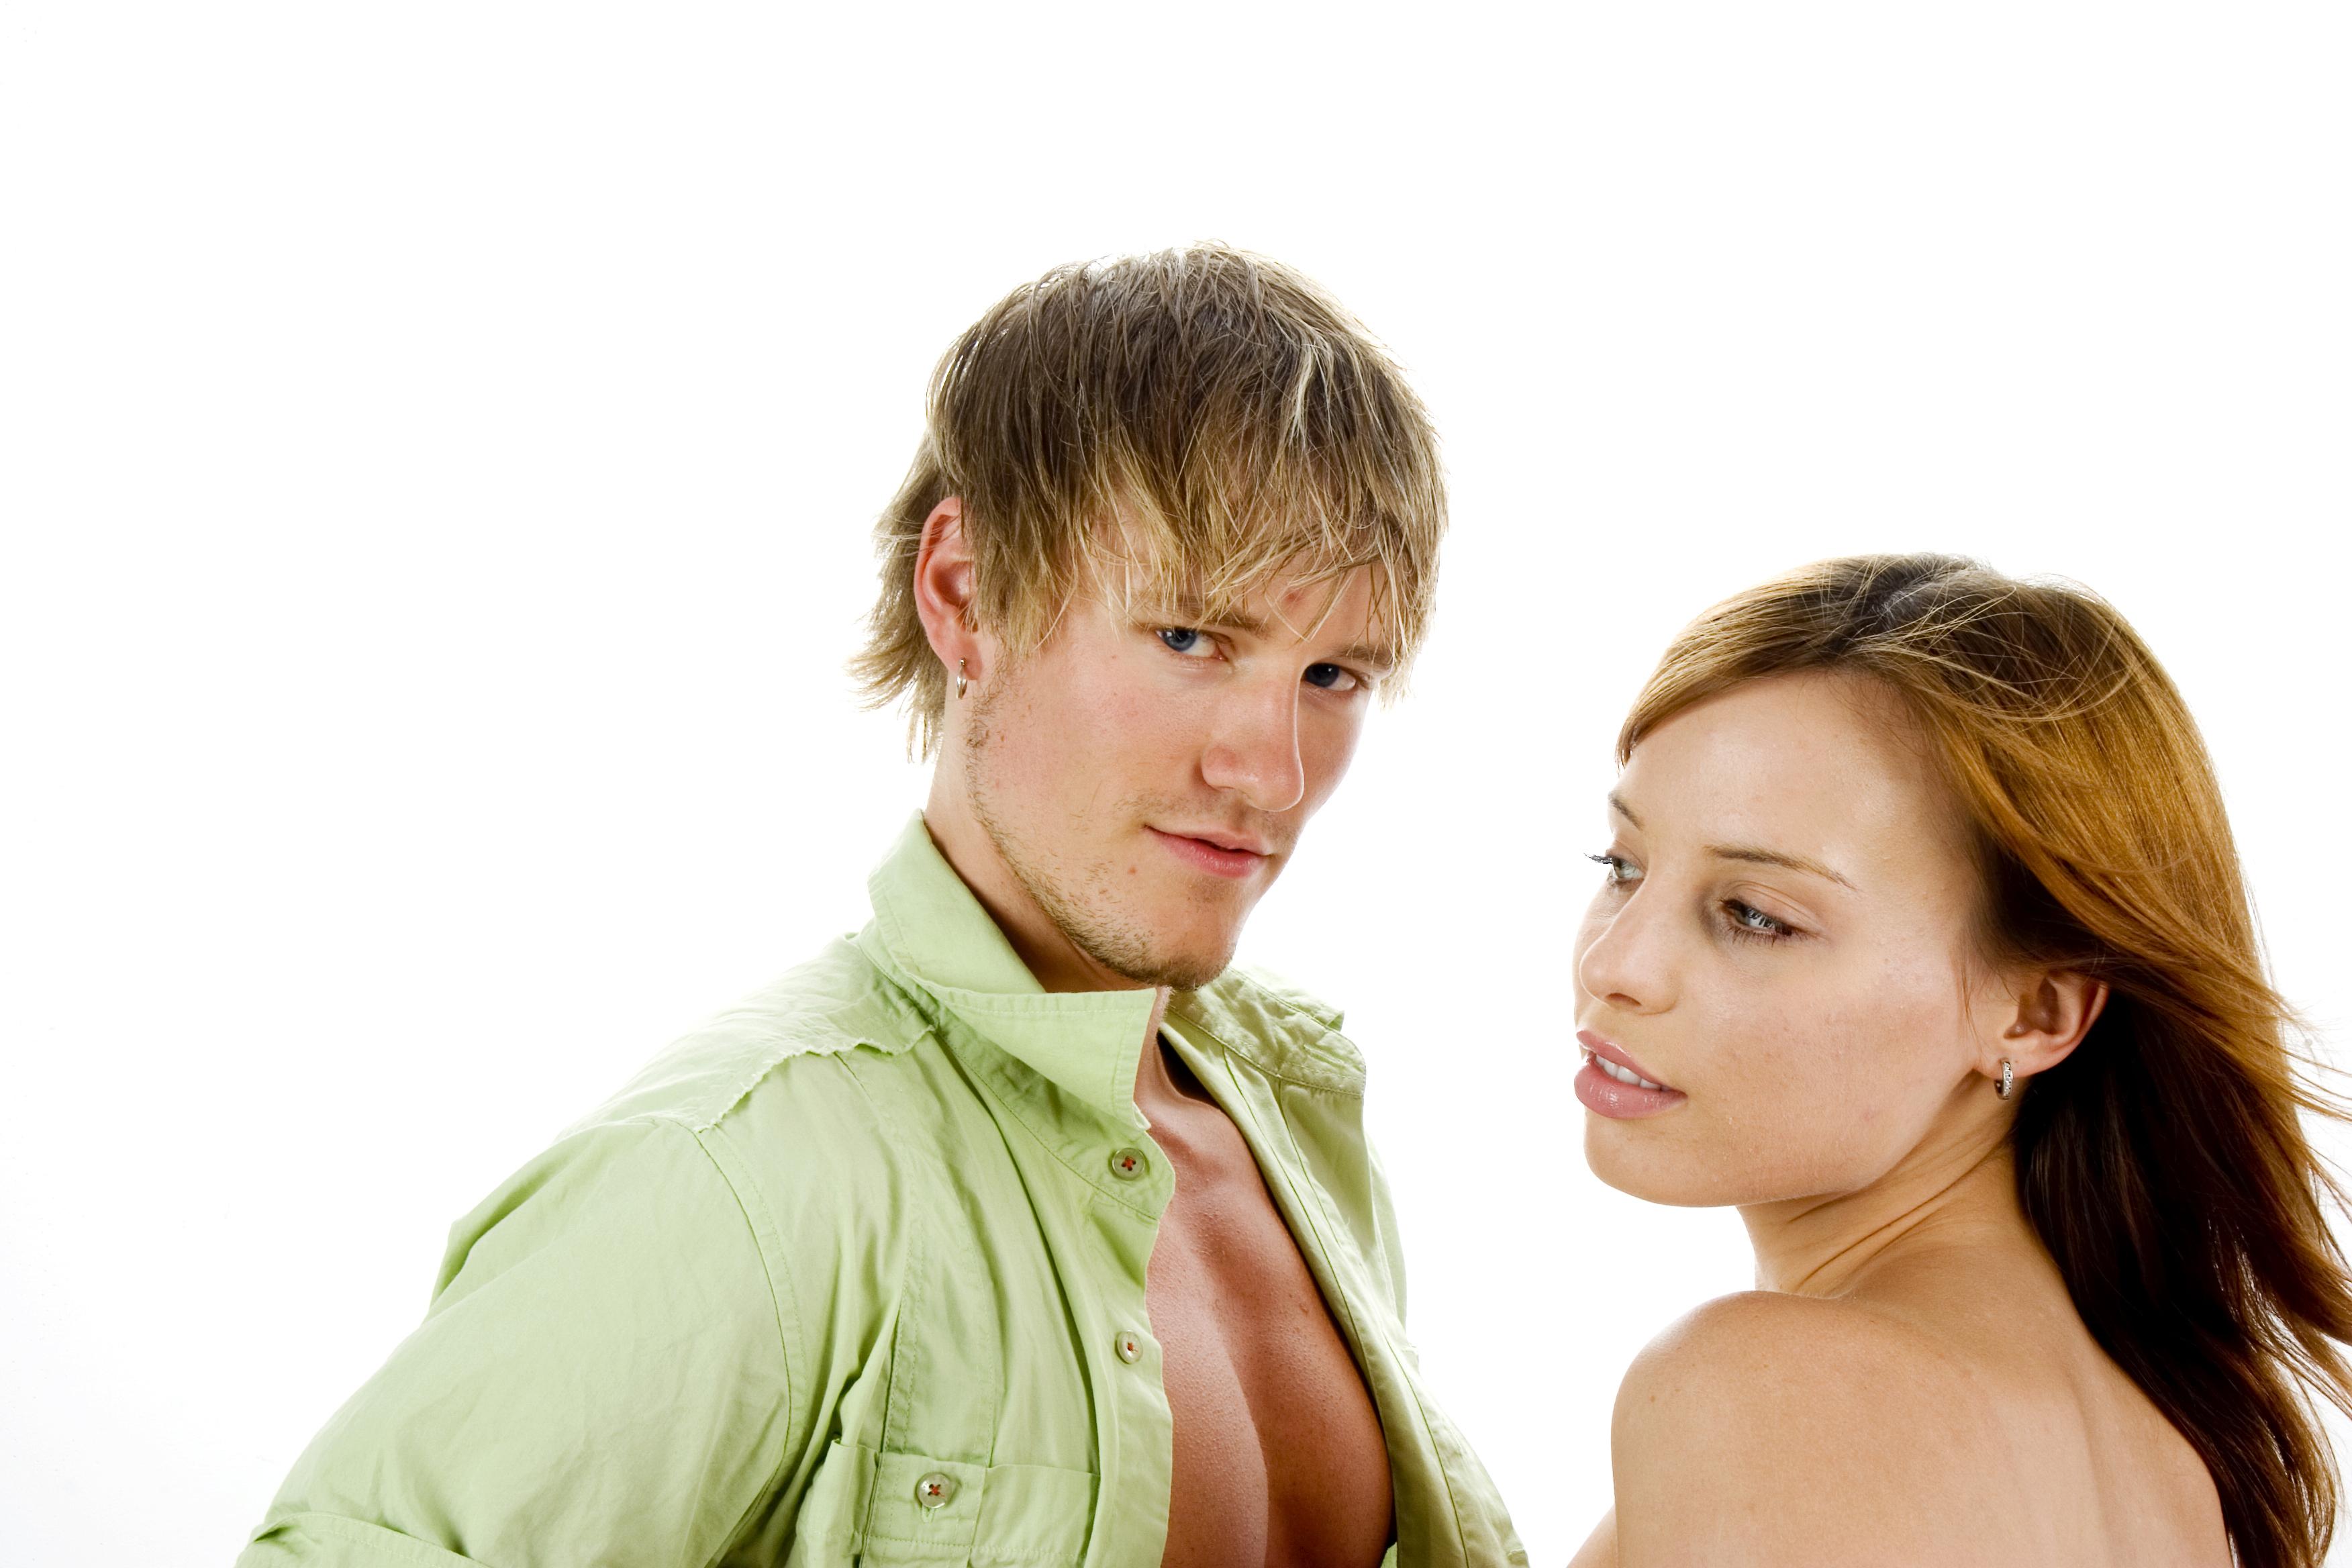 tehdä useimmat naiset nauttivat anaaliseksiä 3D BBW porno